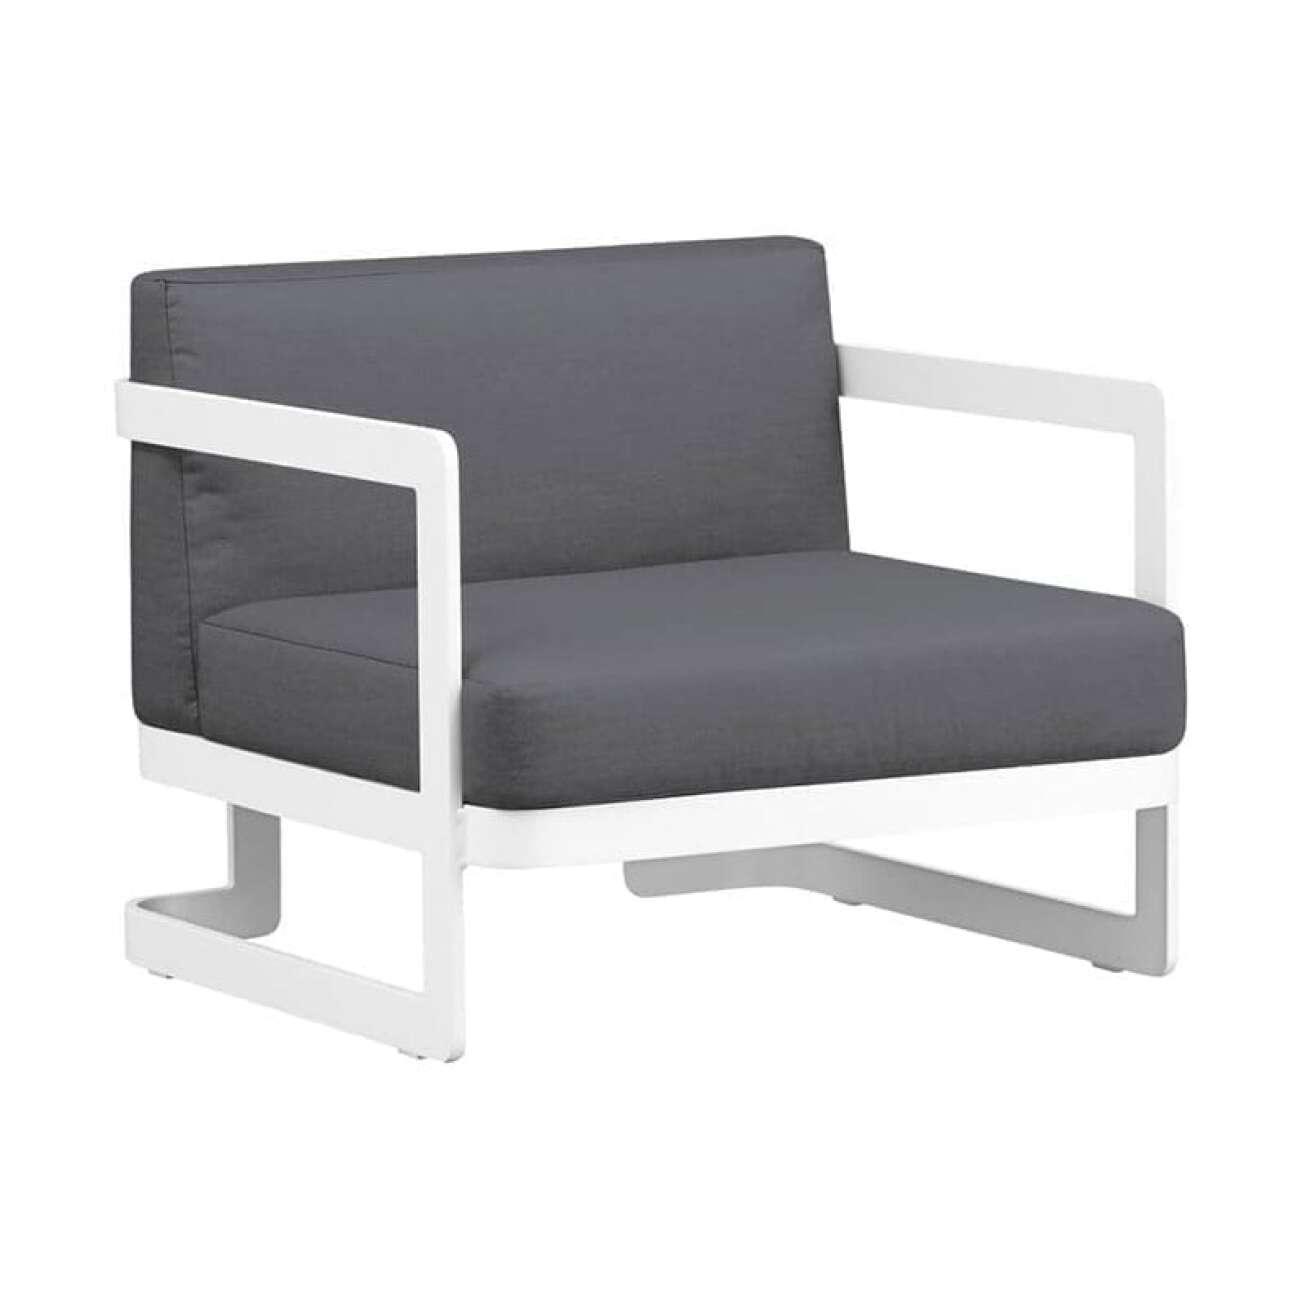 Gardenart Moderne Stol I Hvit Aluminium (100505hvit) Hagemøbler og utemøbler - Fine design